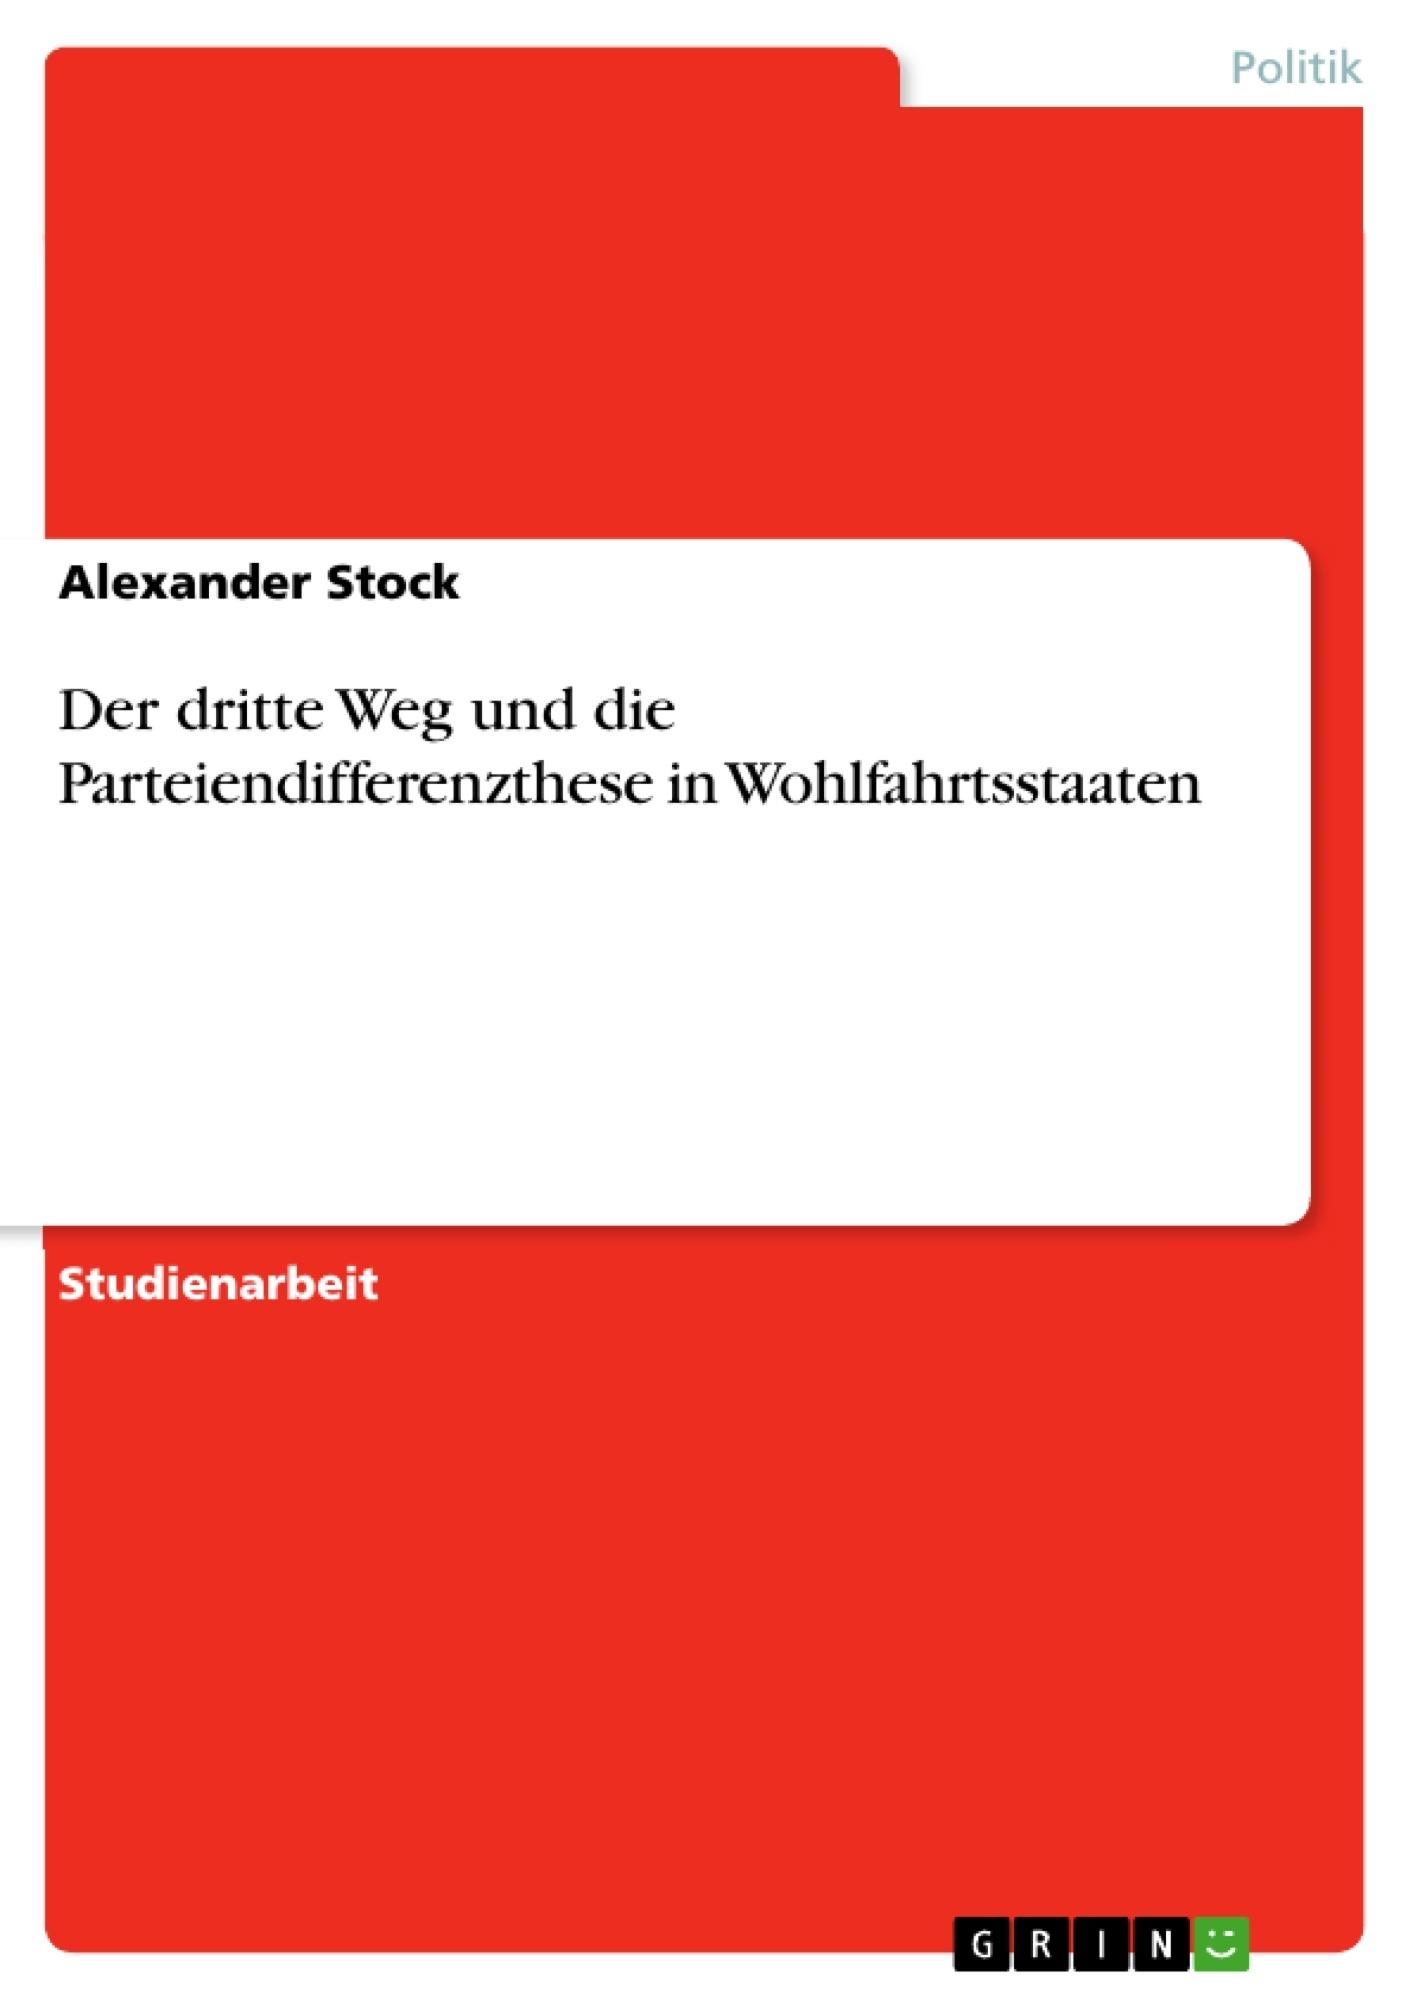 Titel: Der dritte Weg und die Parteiendifferenzthese in Wohlfahrtsstaaten